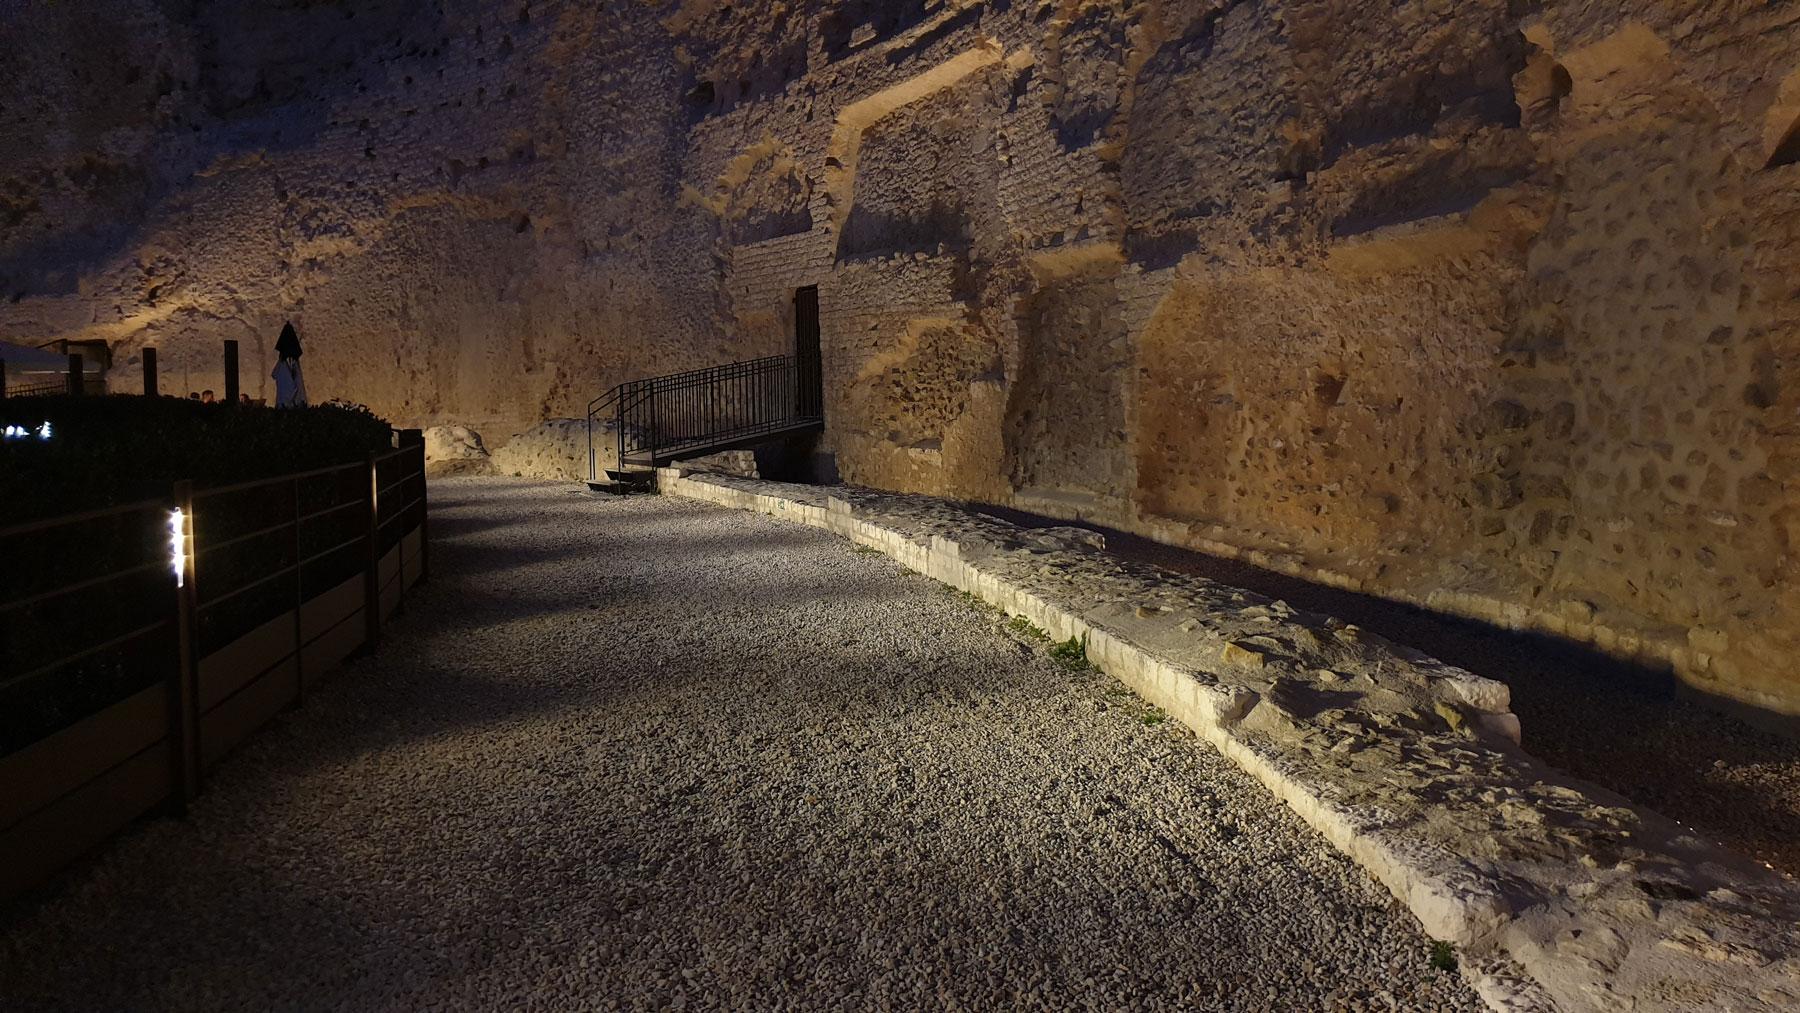 éclairage de l'hémicycle d'un théatre antique romain